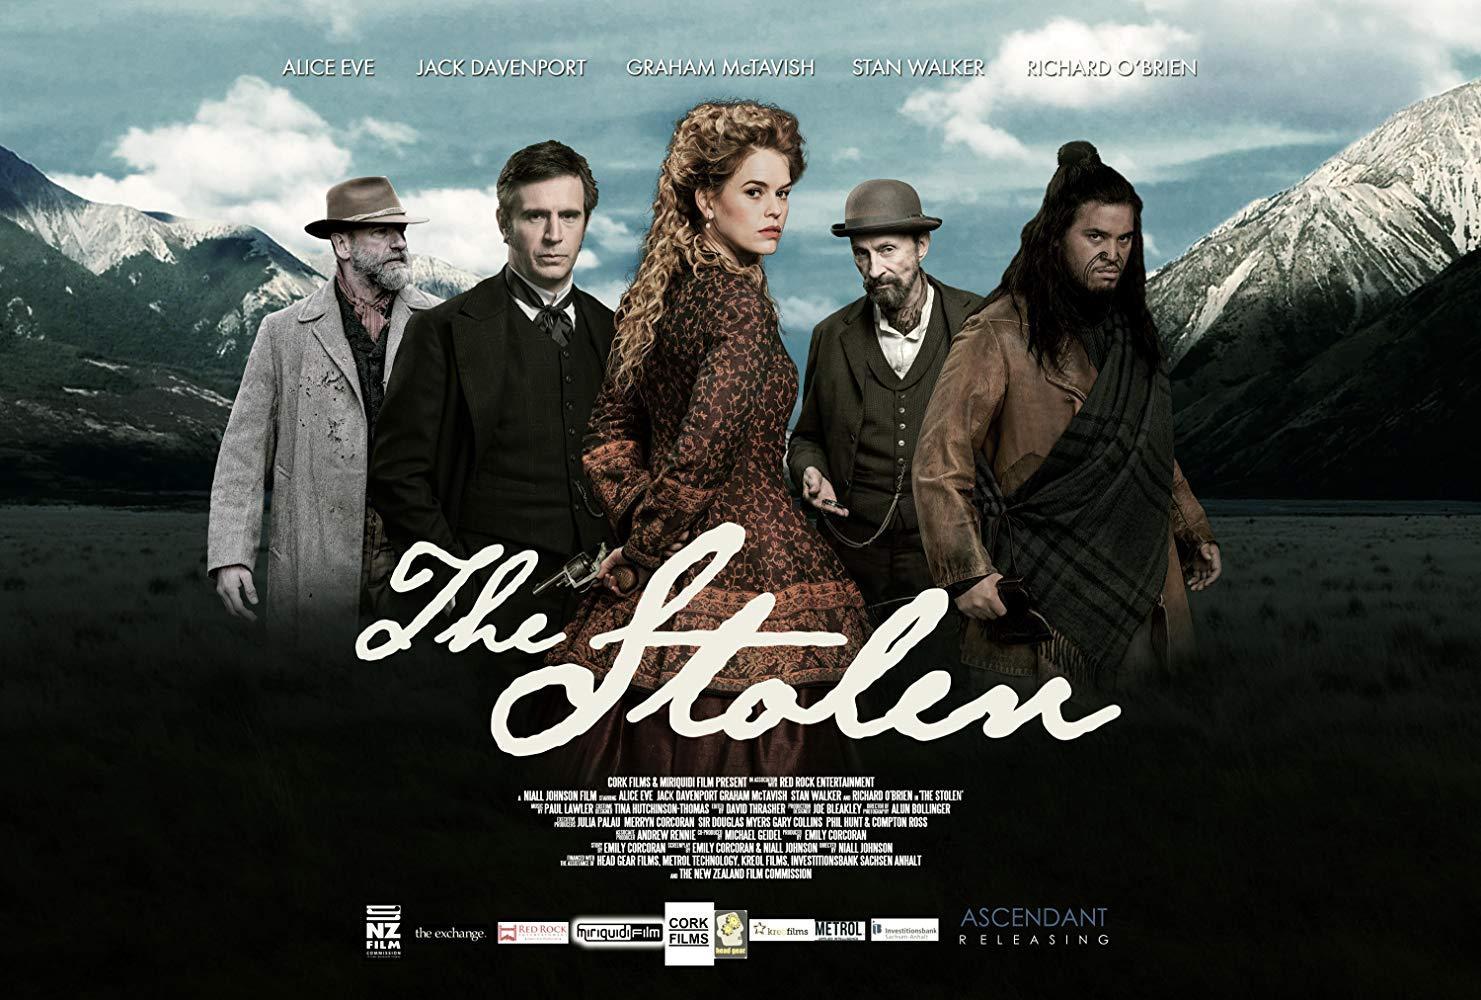 مشاهدة فيلم The Stolen 2017 HD مترجم كامل اون لاين